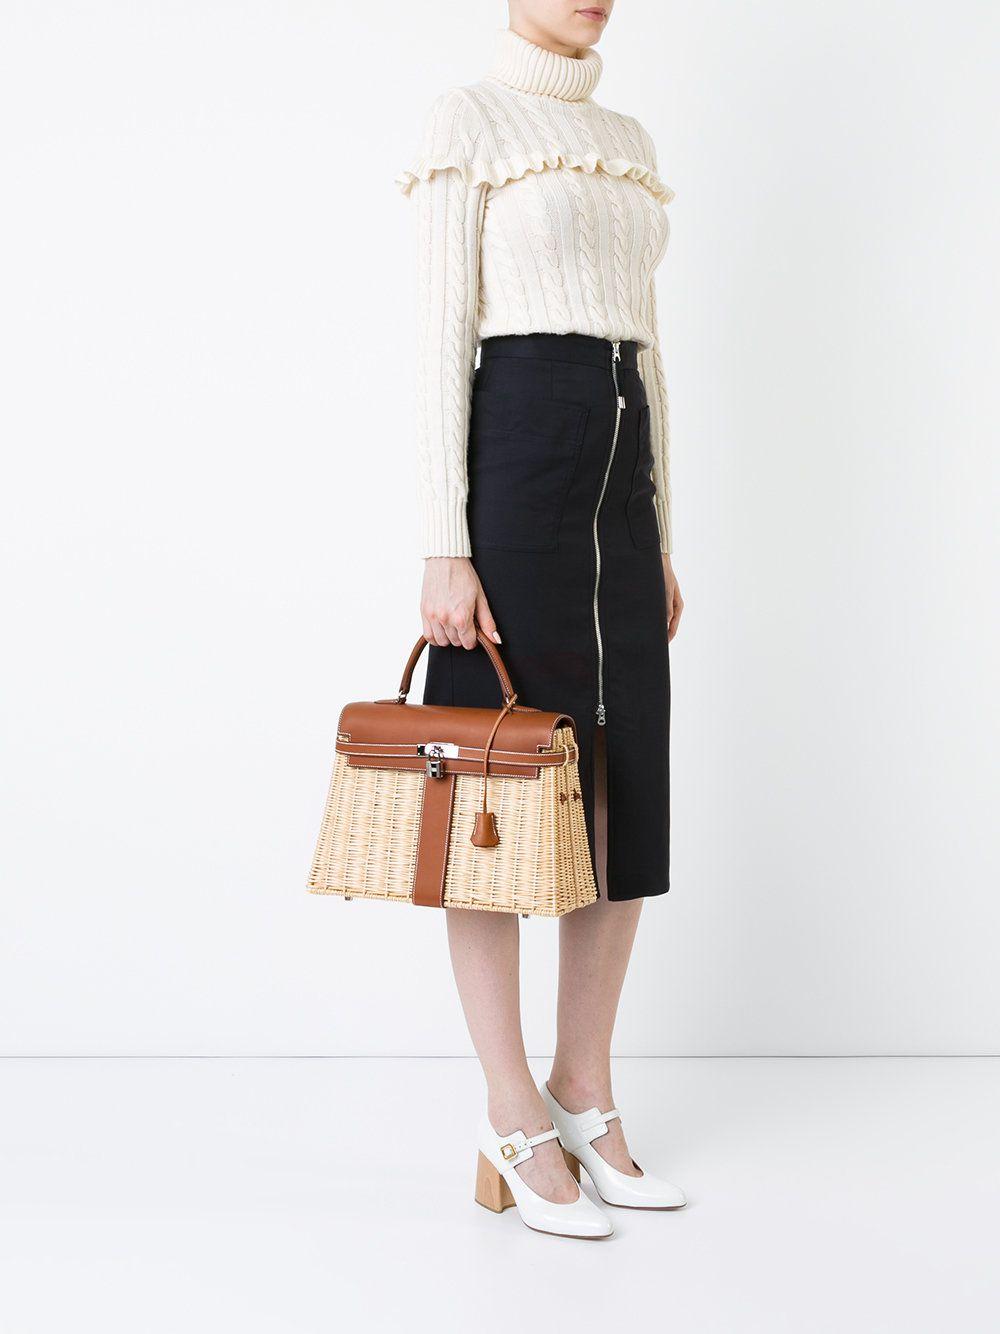 Ova Hermes torbica stoji kao stan!